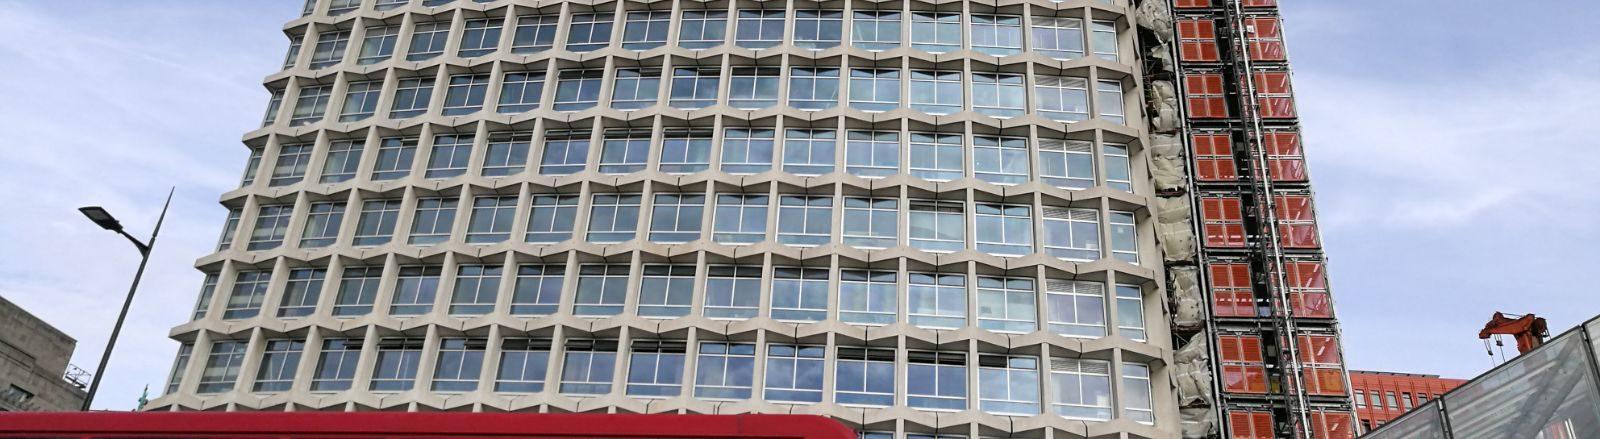 El edificio de las finanzas personales